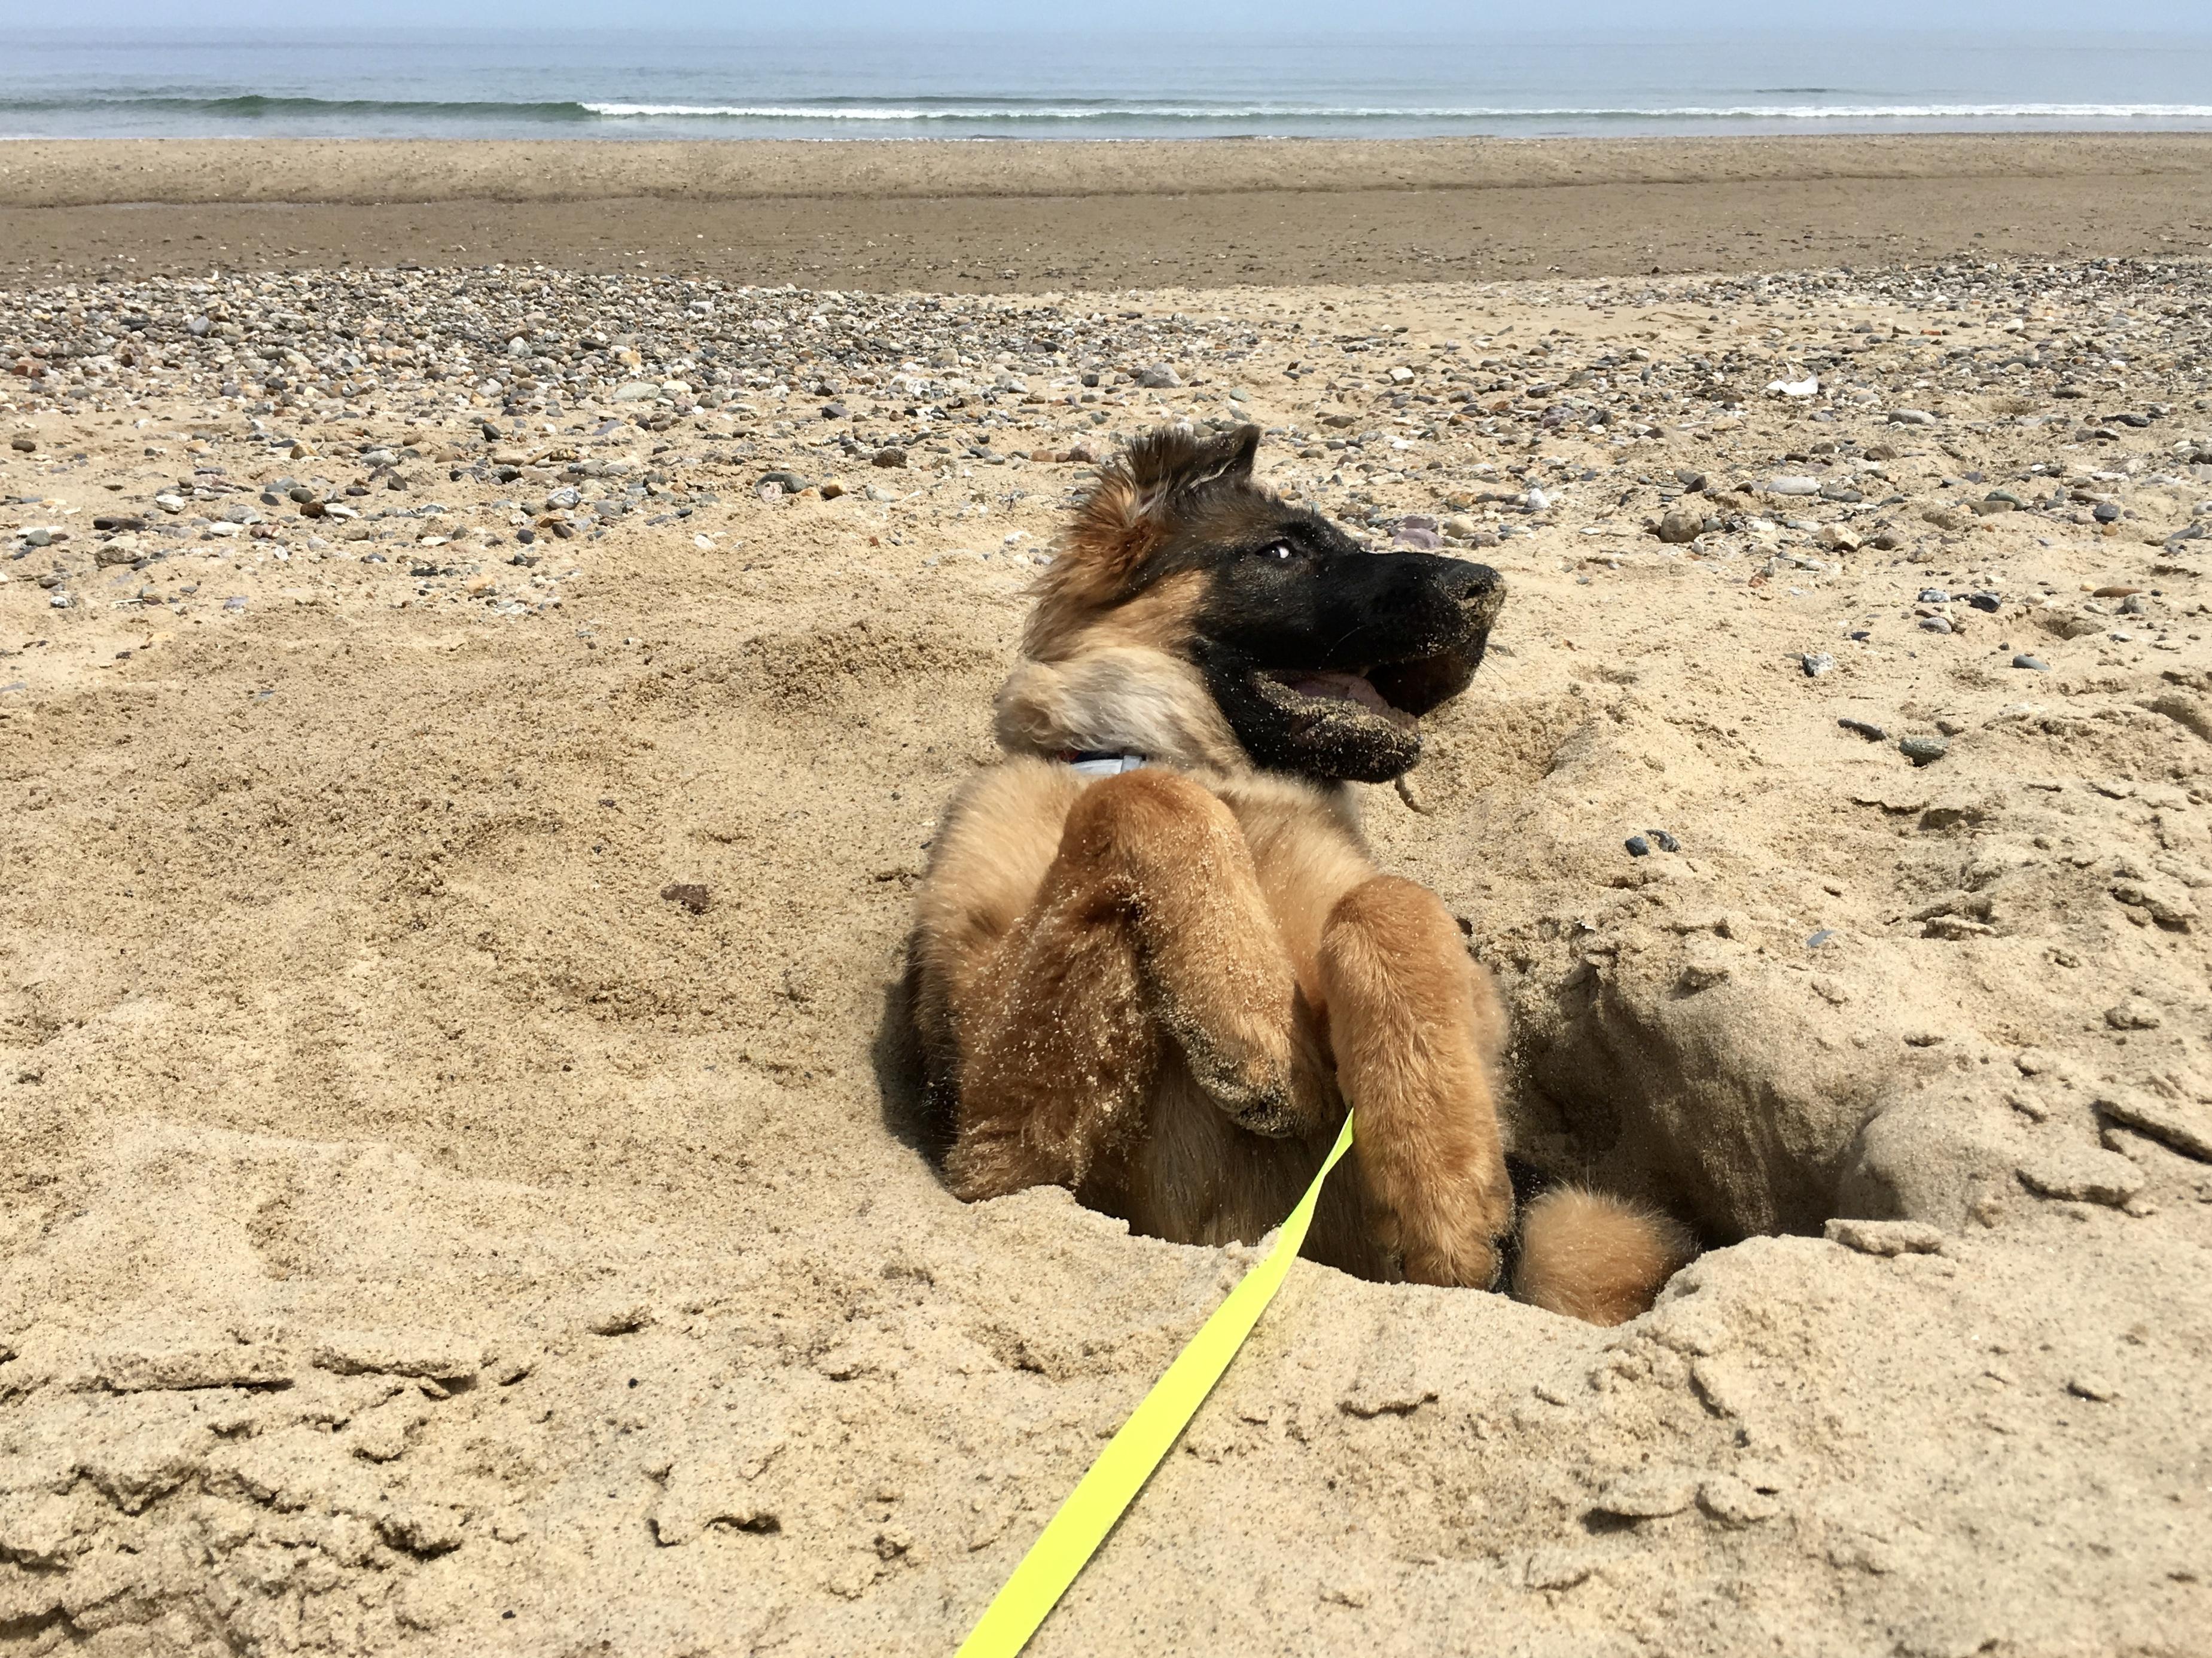 dog at the beach at Cape Cod National Seashore